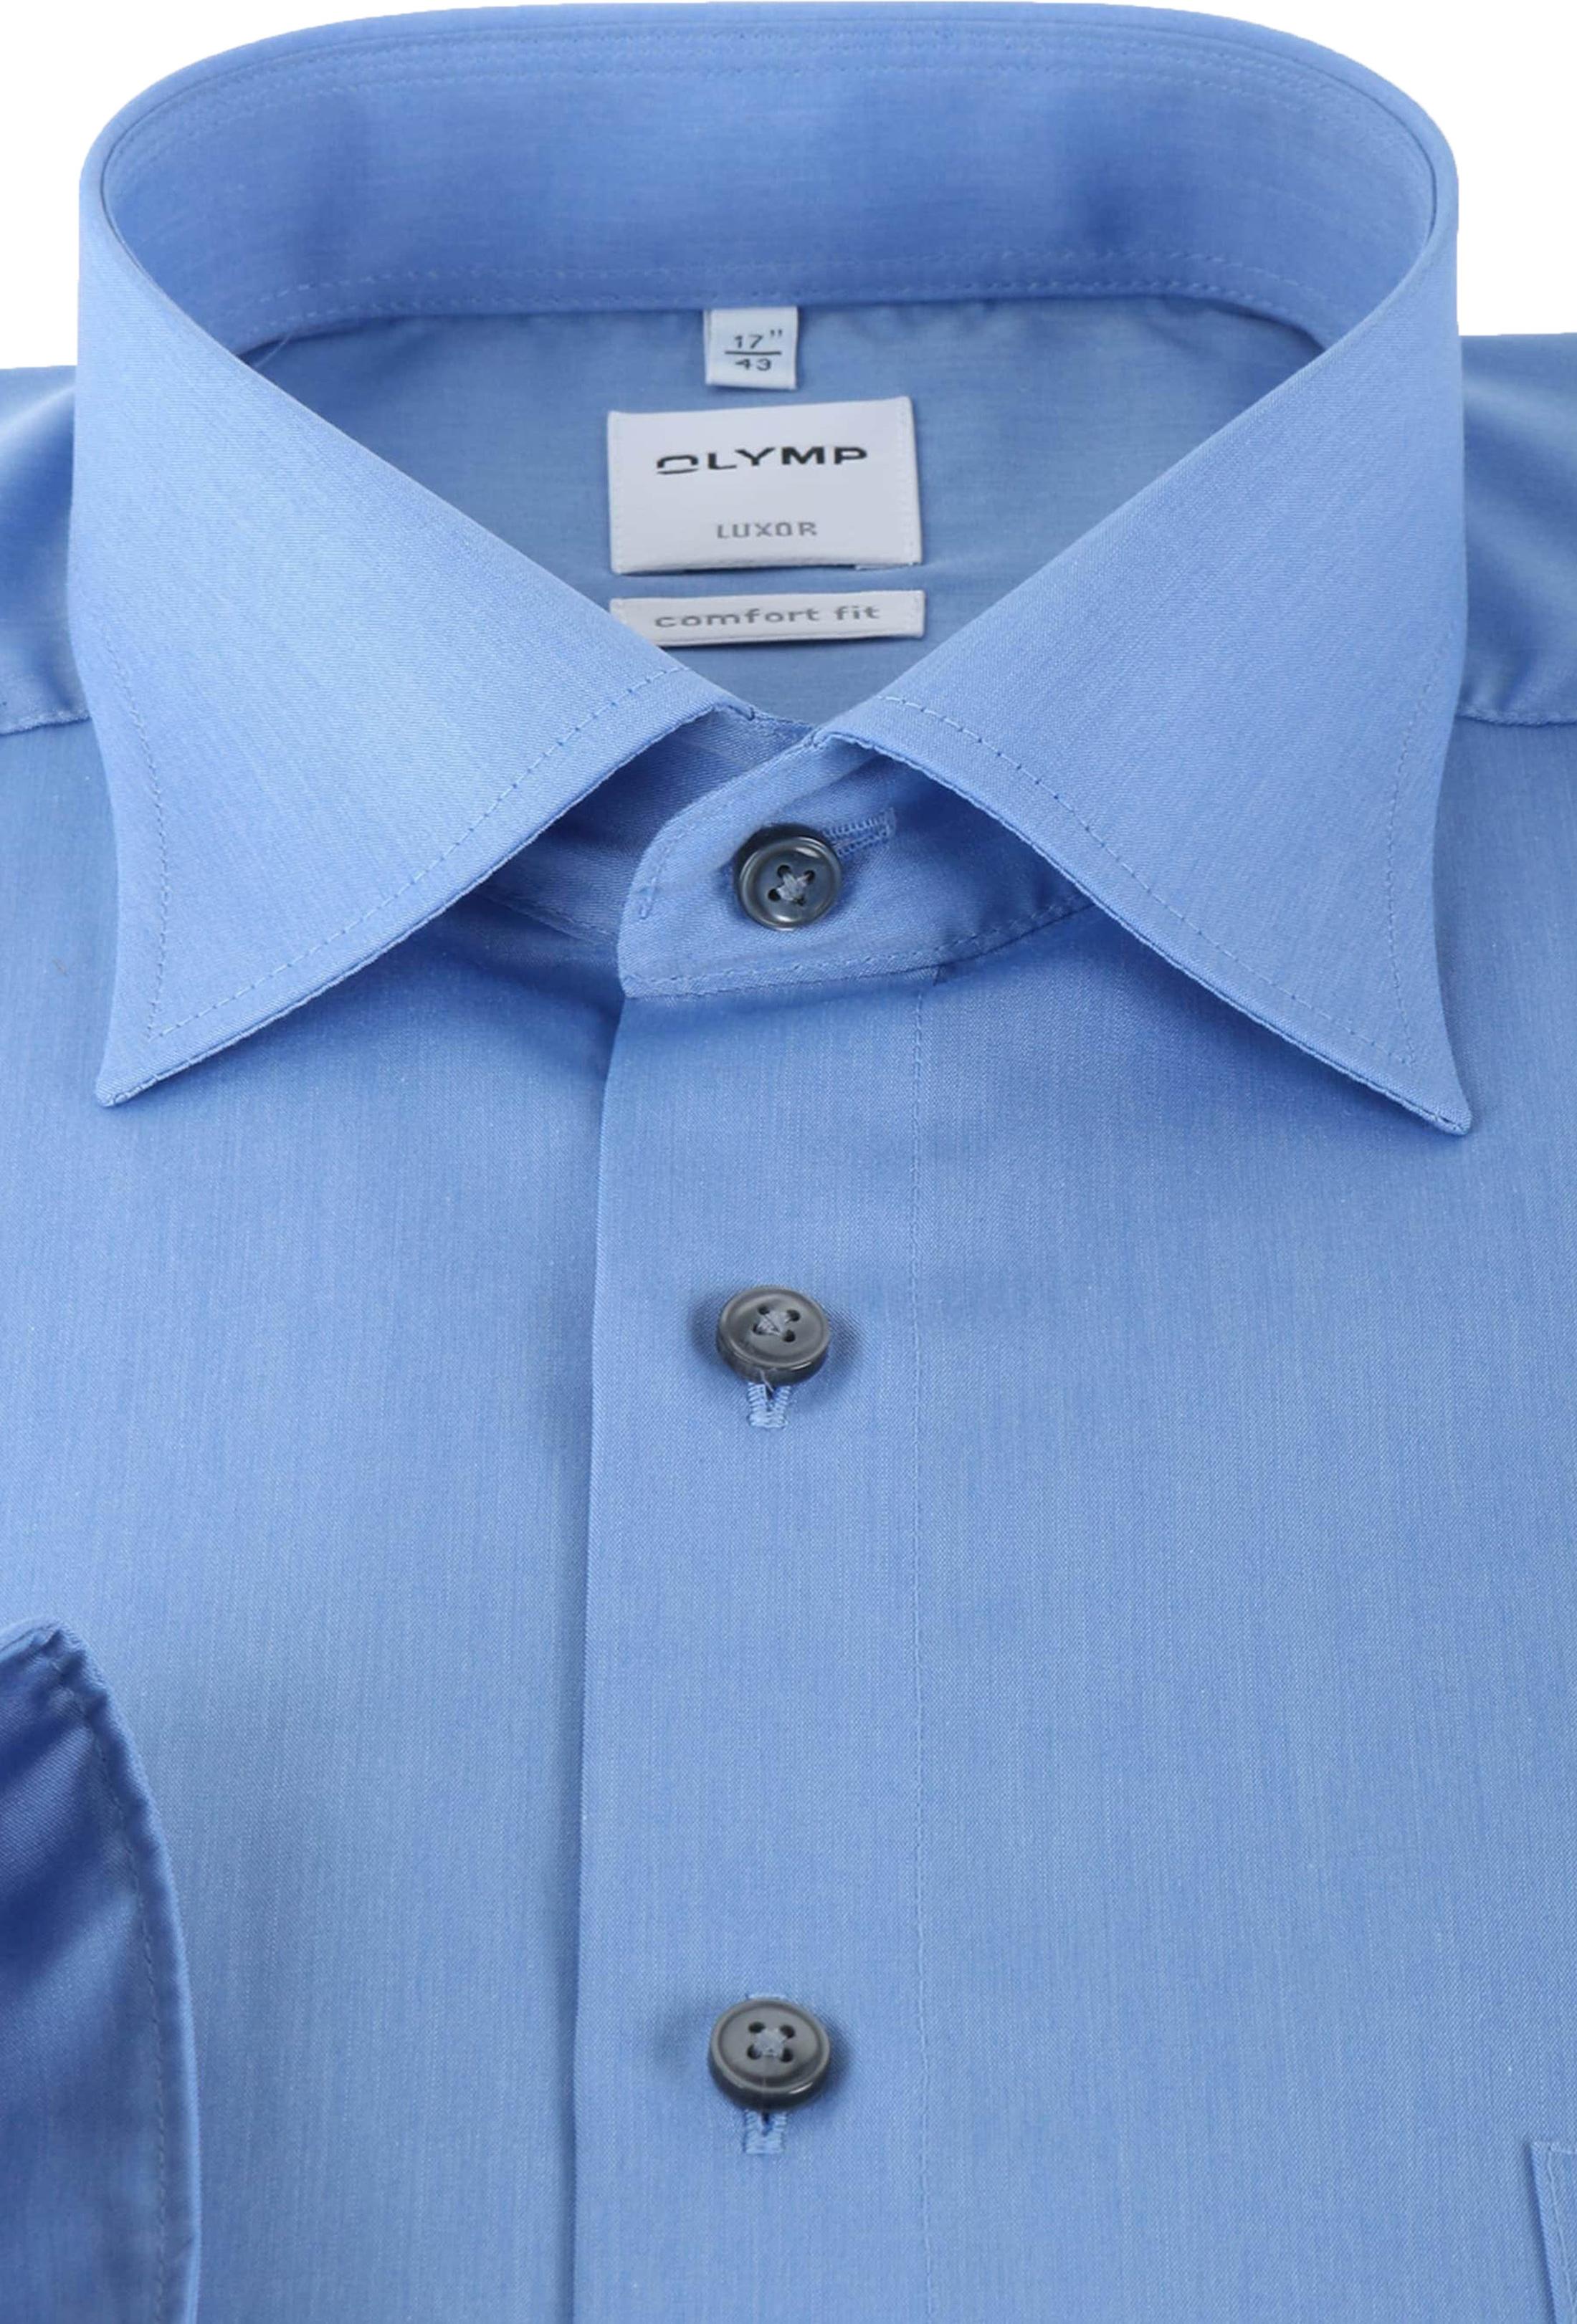 OLYMP Luxor Shirt Blauw Comfort Fit Lange Mouw foto 2